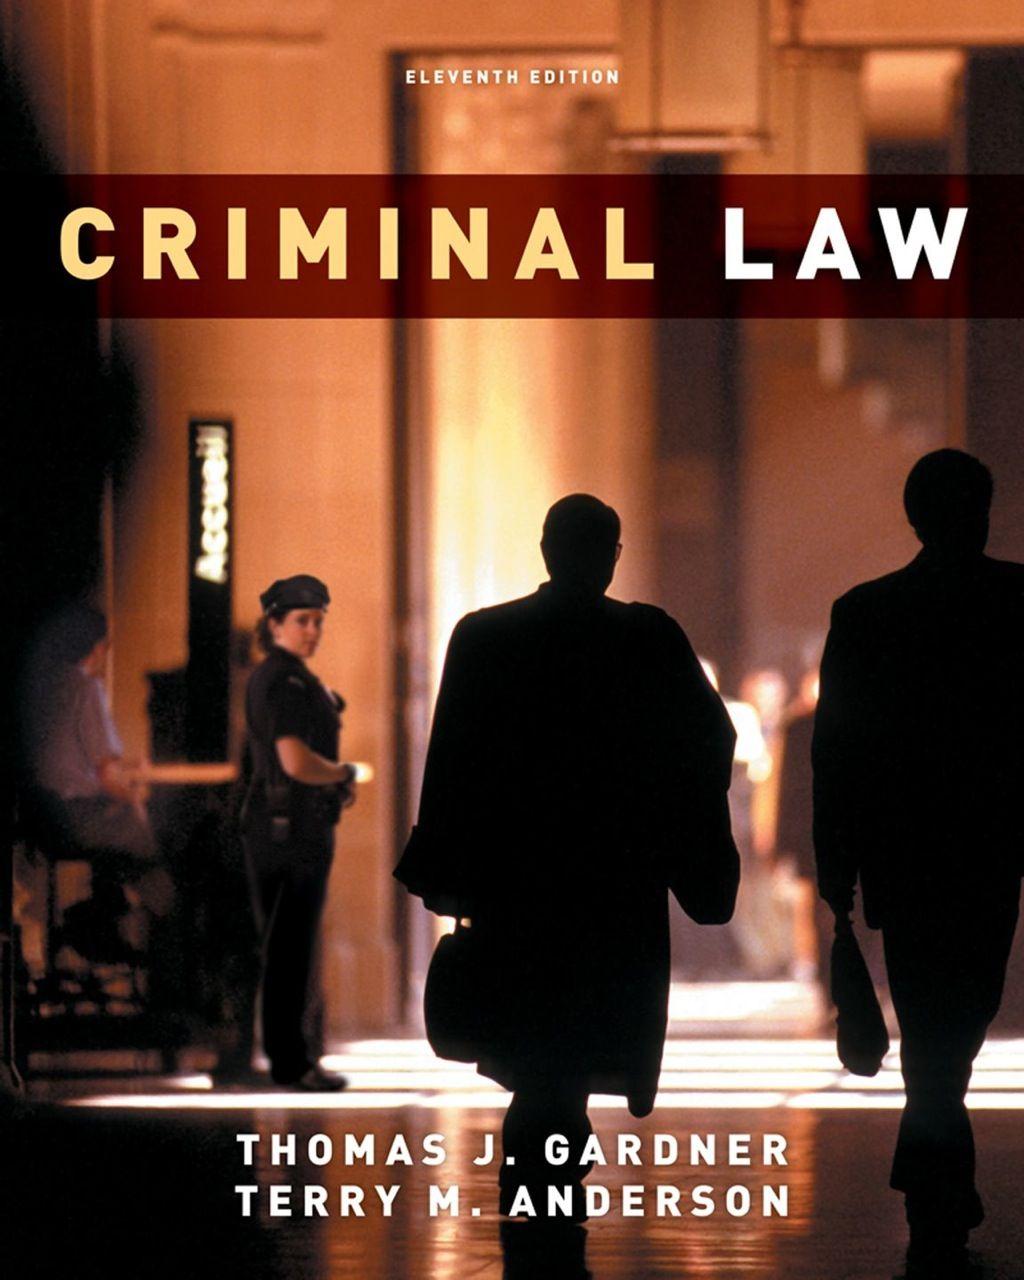 Criminal law ebook rental with images criminal law